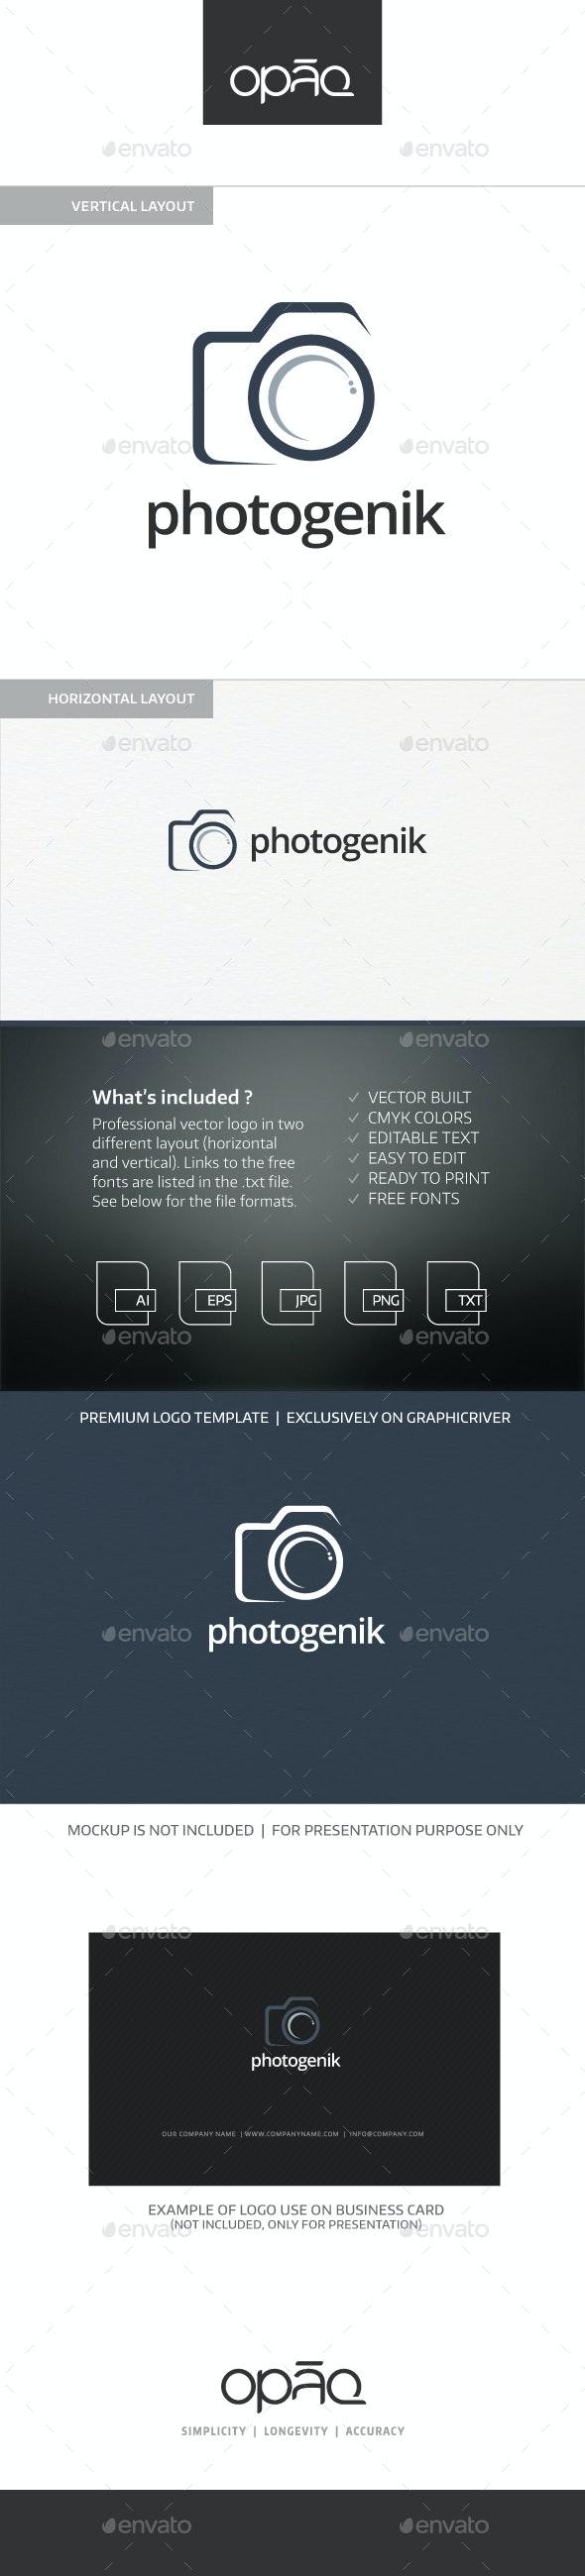 Photogenik Camera Logo - Objects Logo Templates